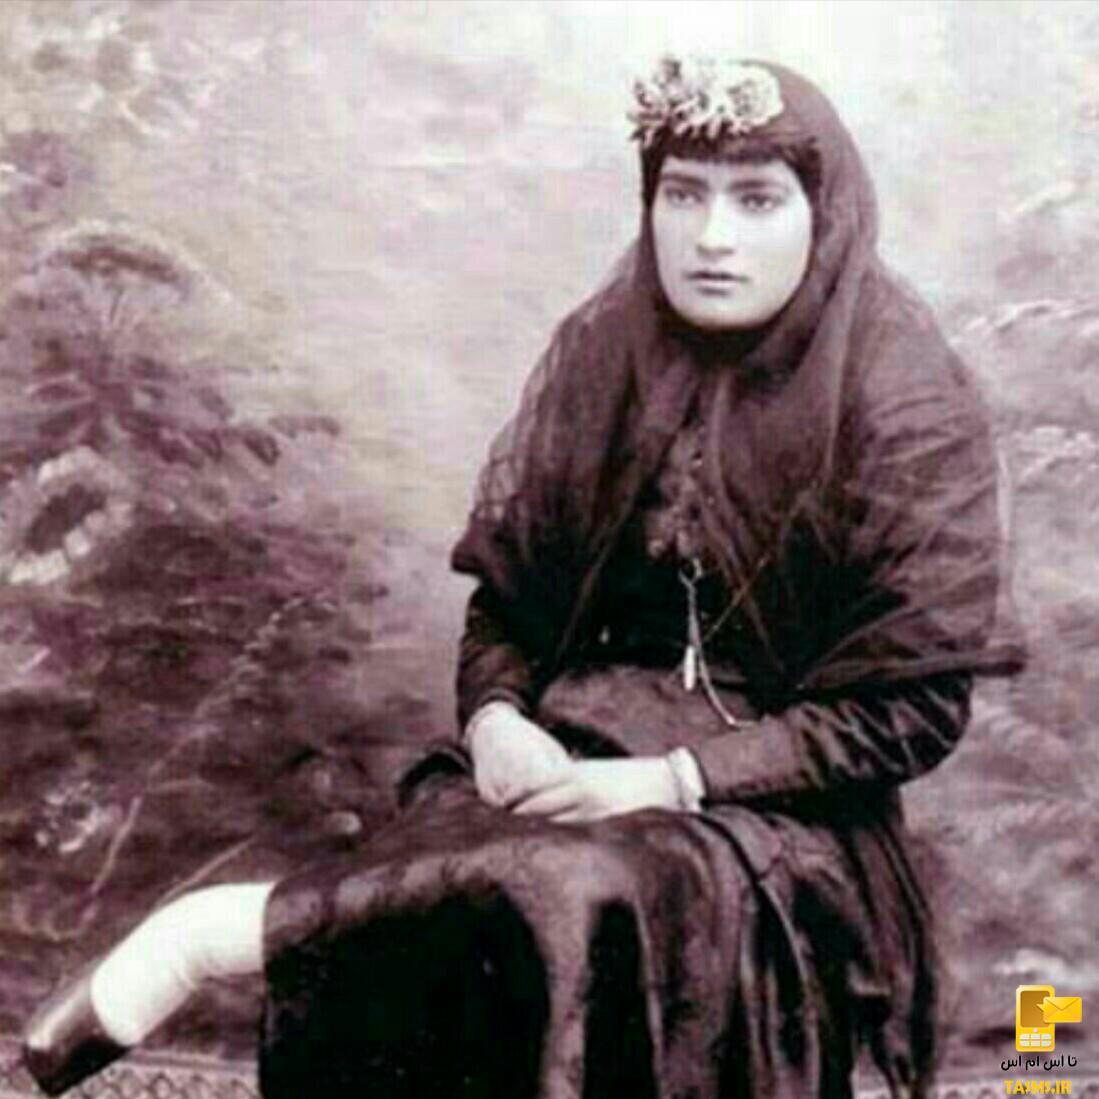 مریم عمید، ملقب به مزین السلطنه،نخستین روزنامهنگار زن ایرانی